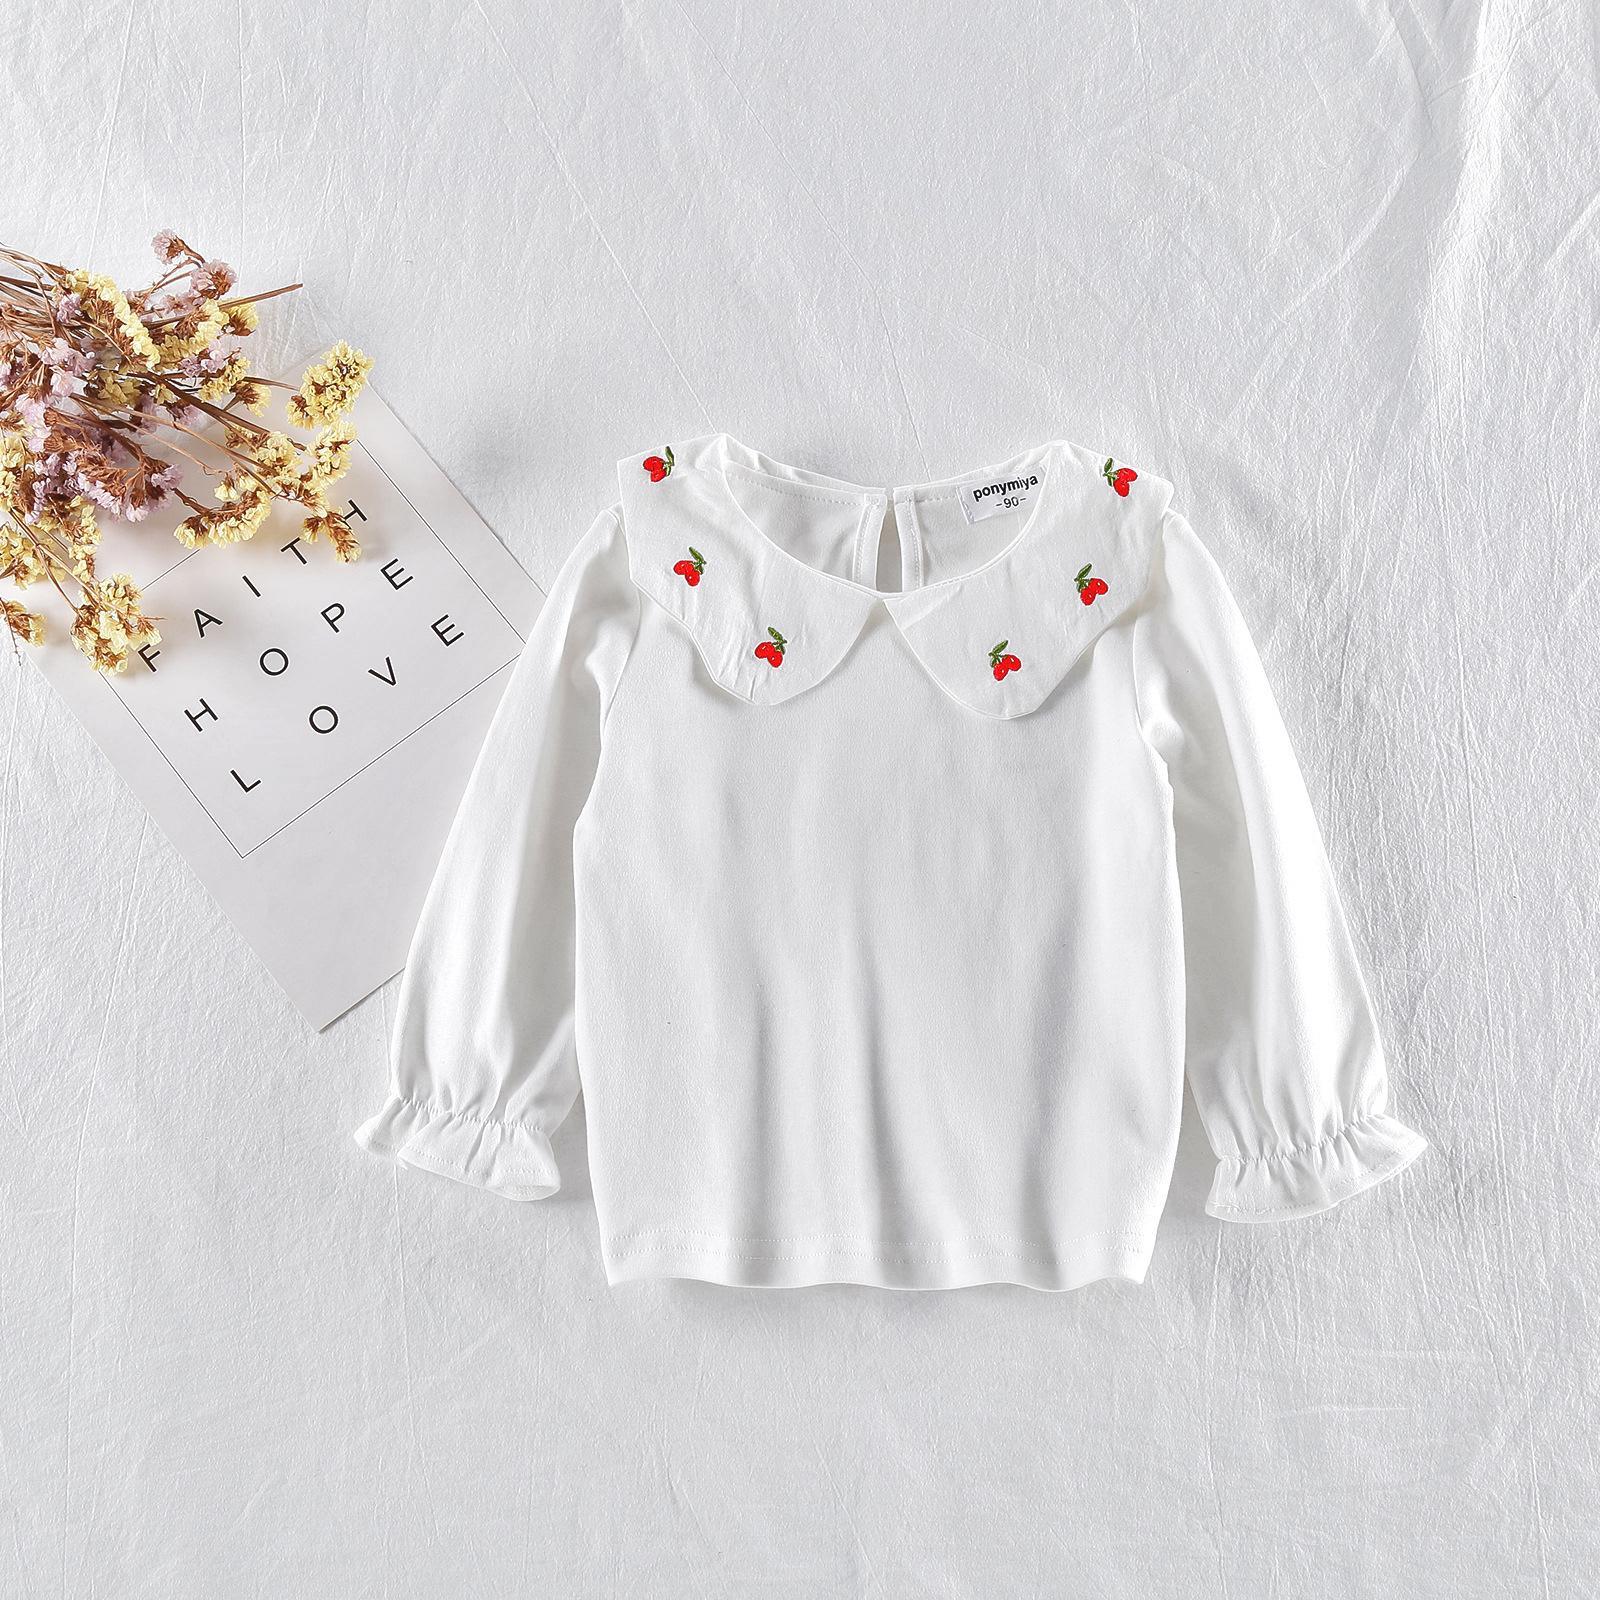 dd9f78b9faed8 Acheter Enfant En Bas Âge Enfants Filles À Manches Longues Mignon Cerise  Broderie Vêtements Petite Fille Blouse Blanc Bottom T Shirt Princesse Tops  ...